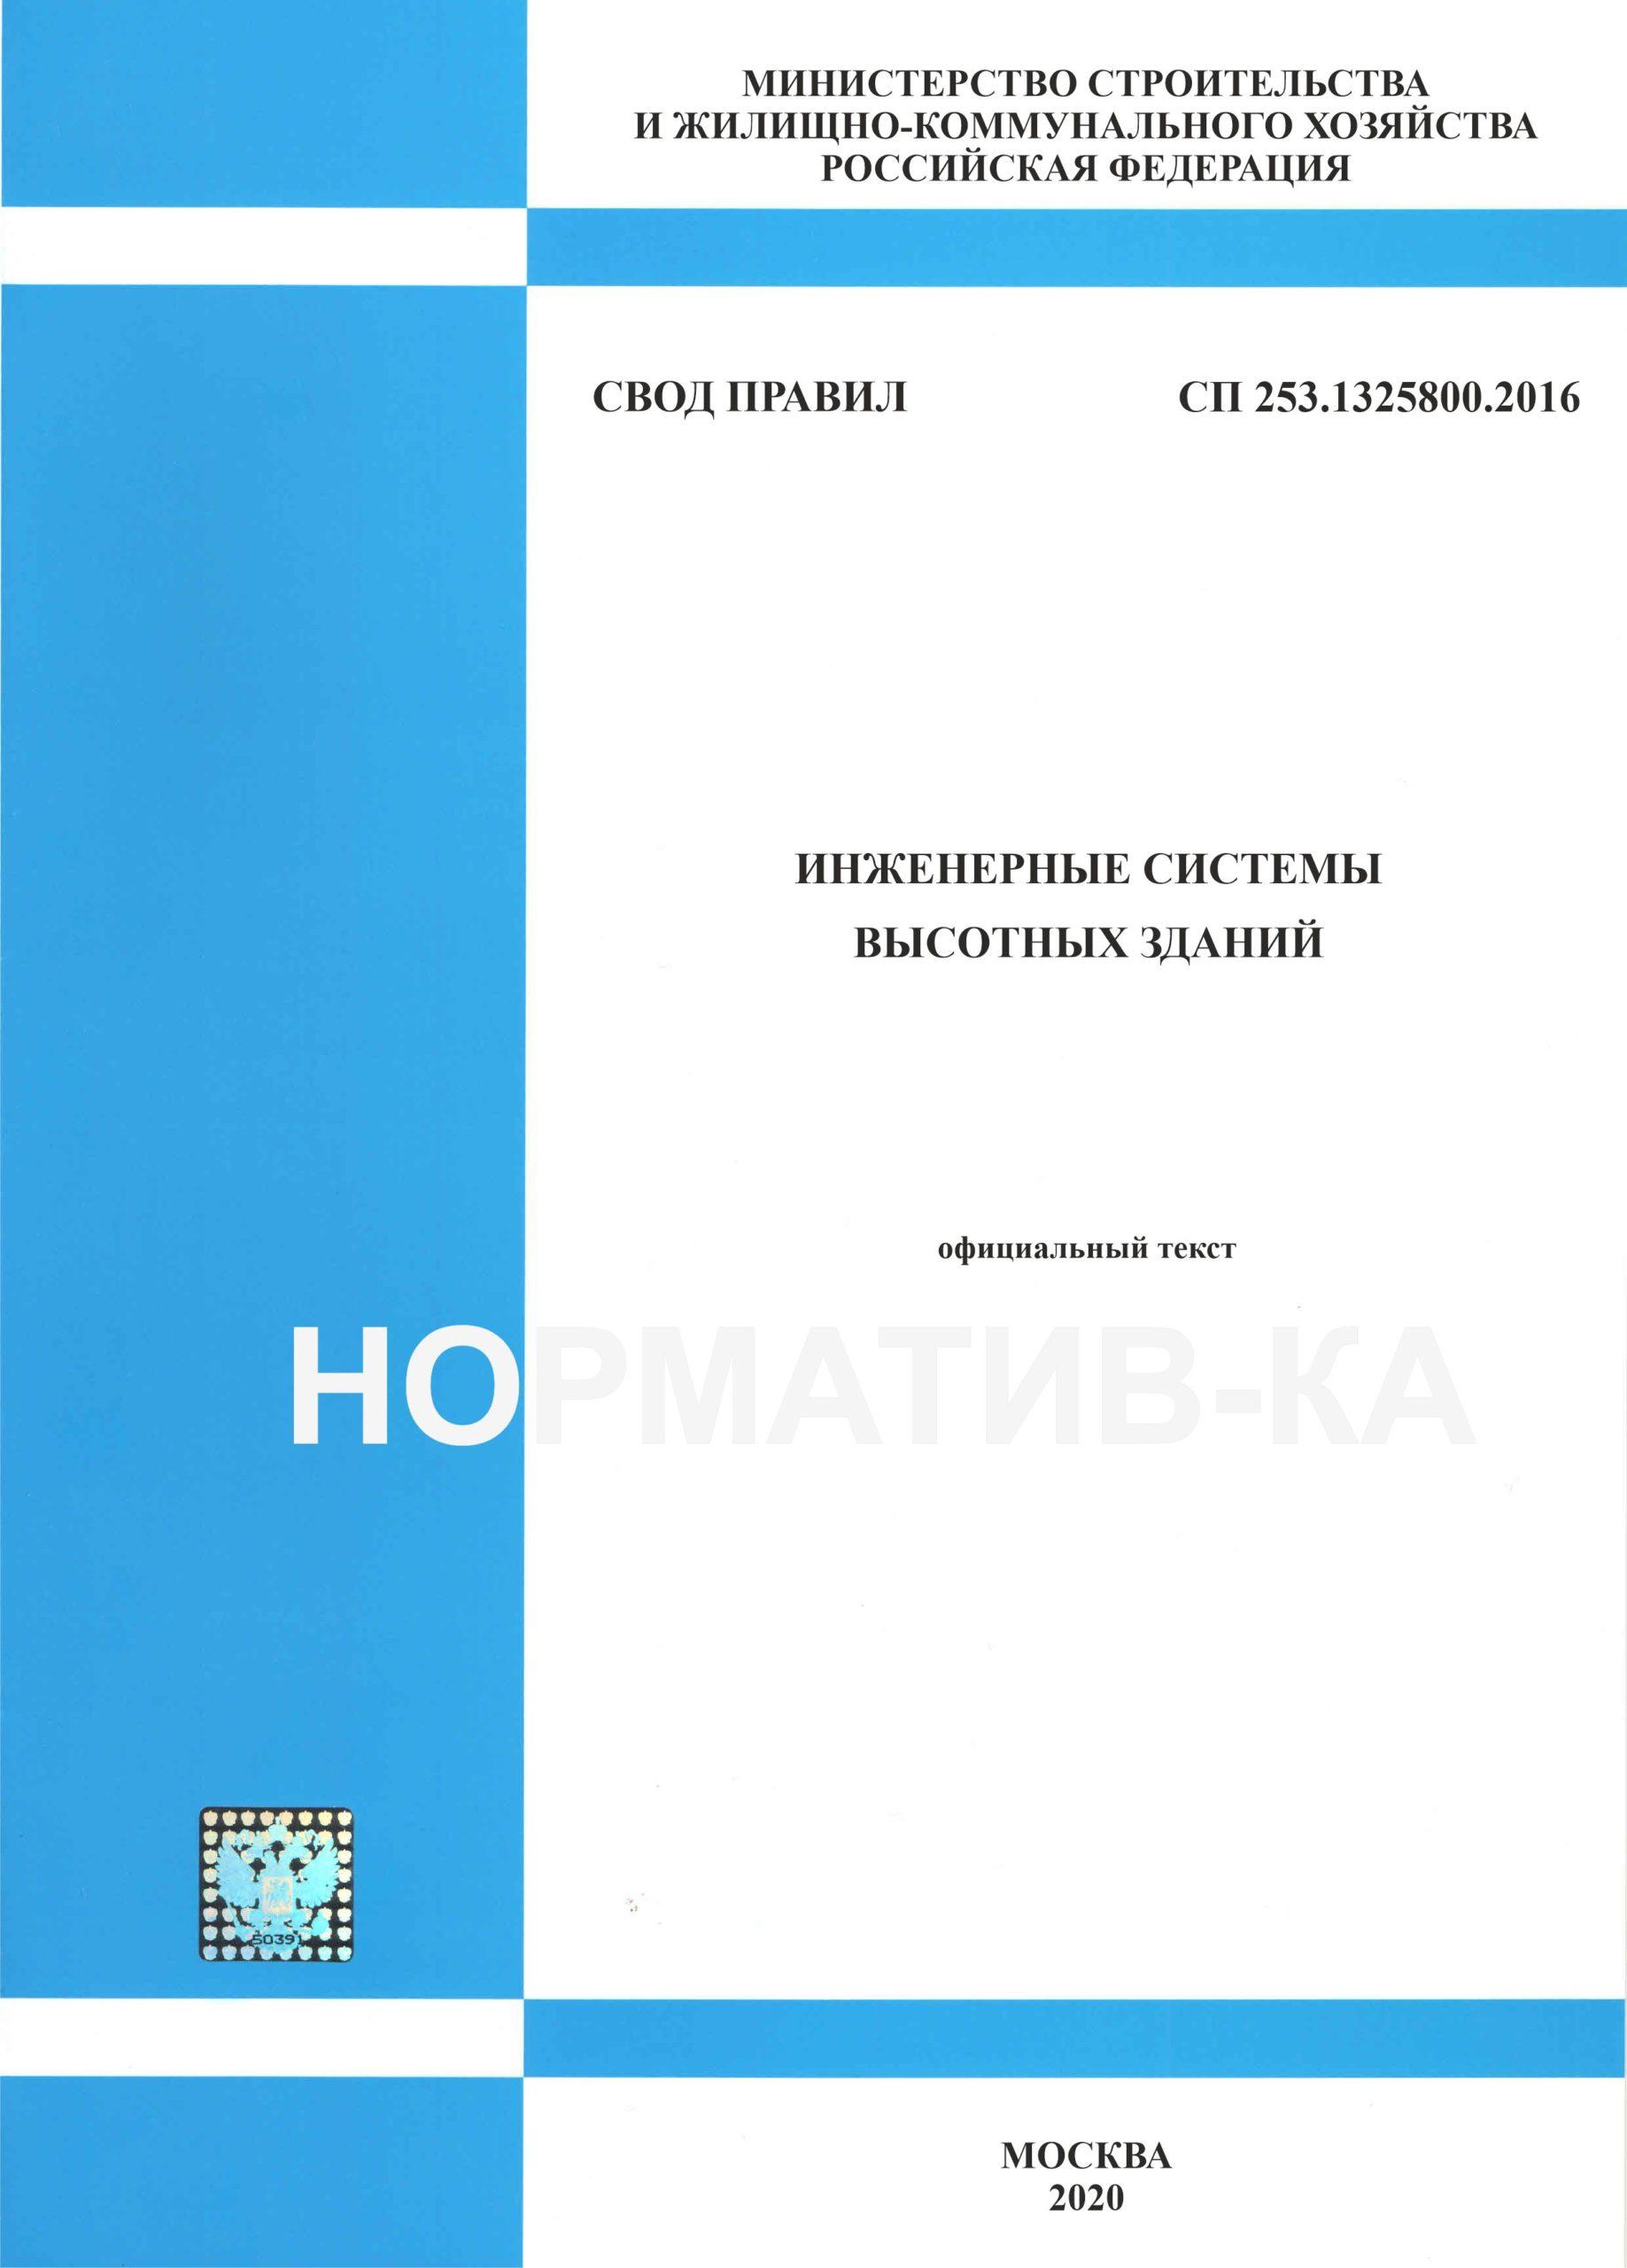 СП 253.1325800.2016